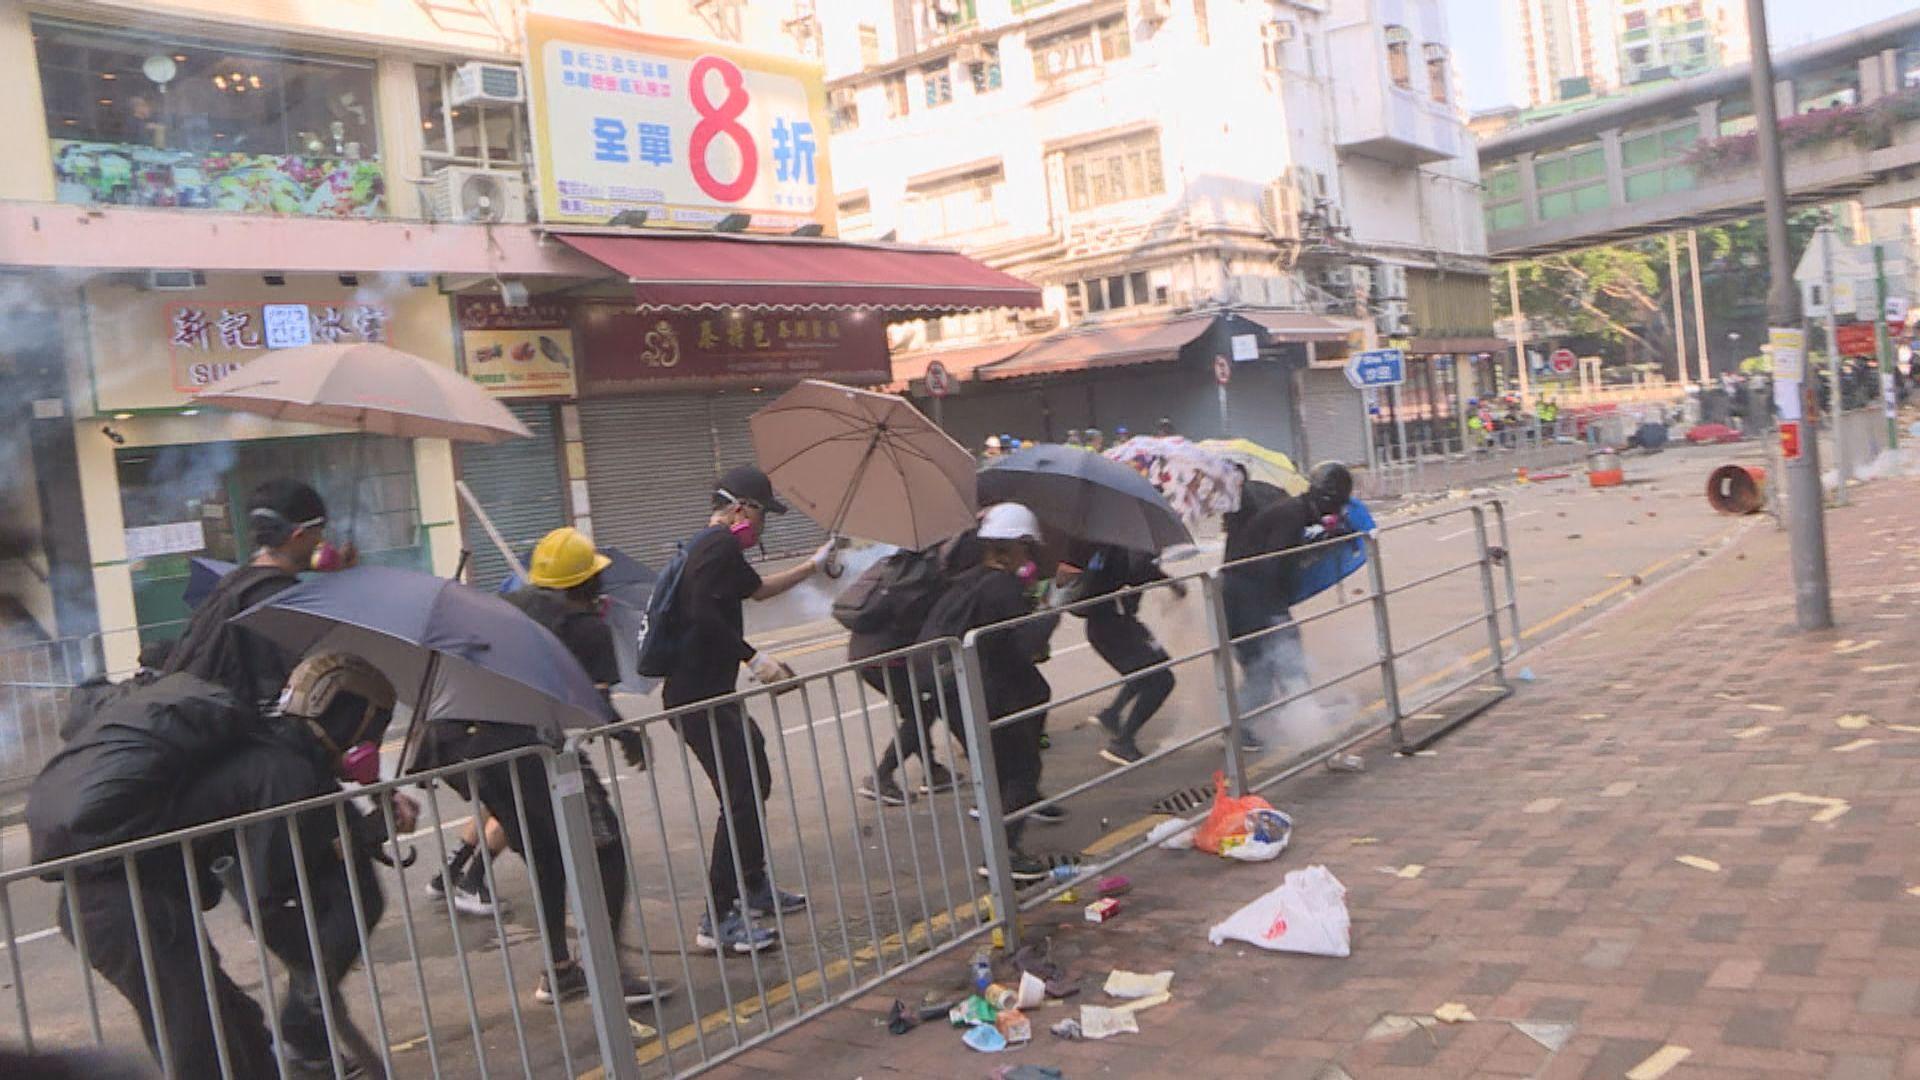 四人前年國慶日參與暴動 囚4年3個月至4年8個月